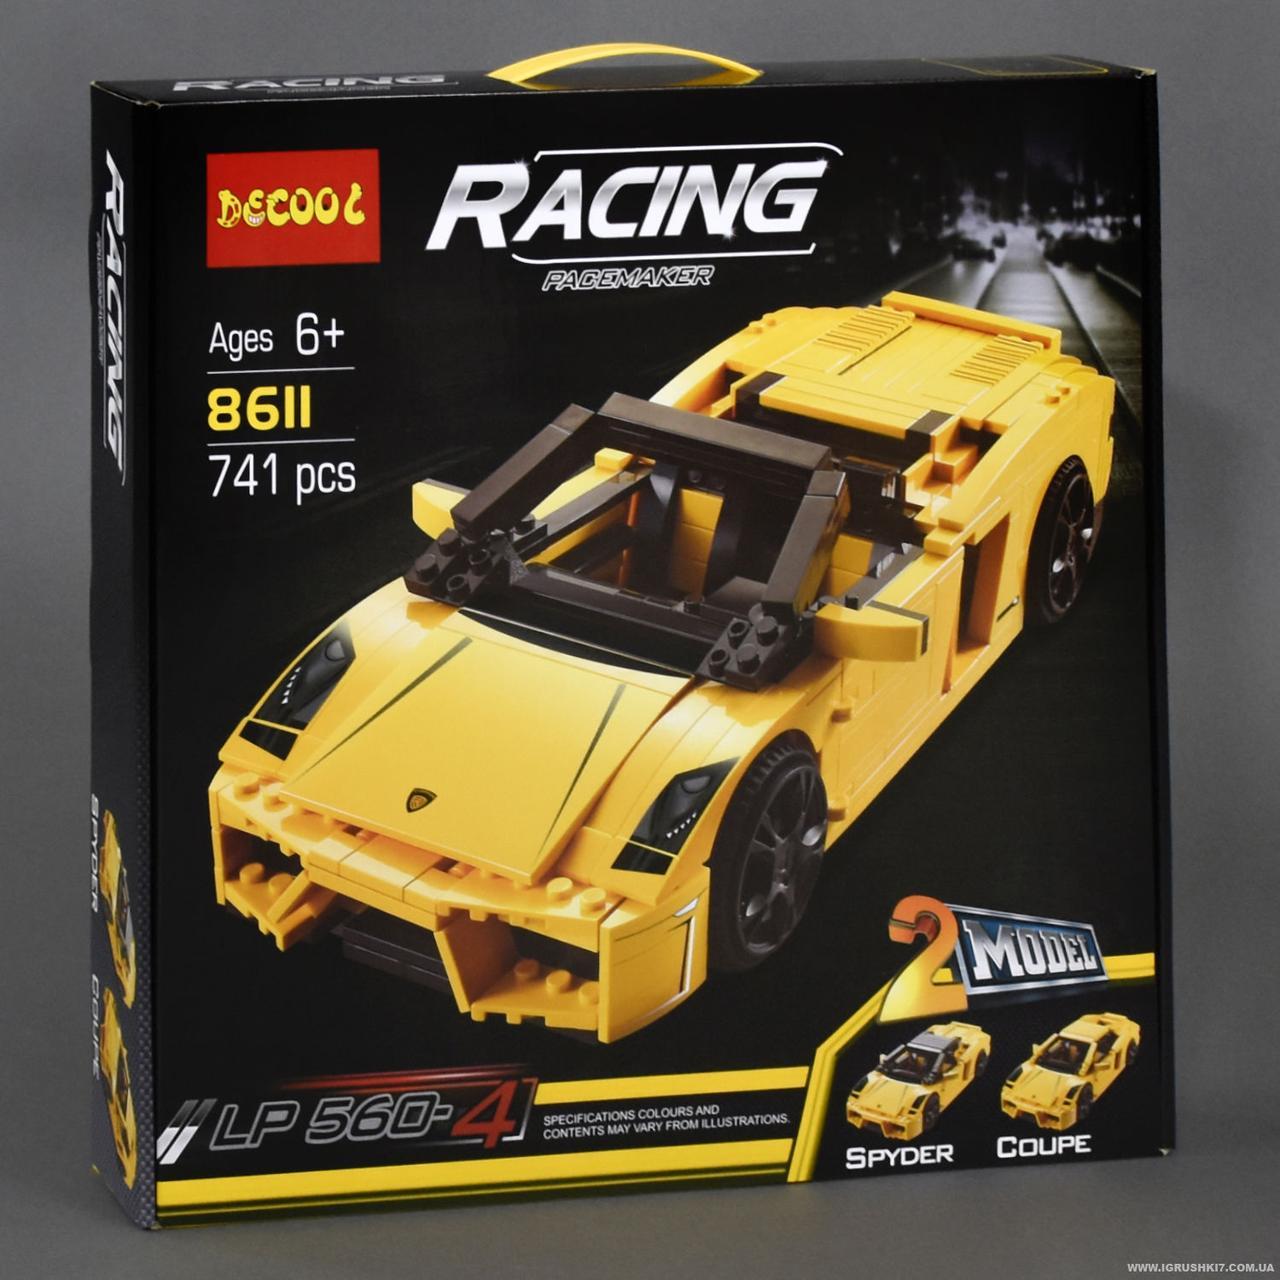 Конструктор 8611 Decool Racing 741 деталь